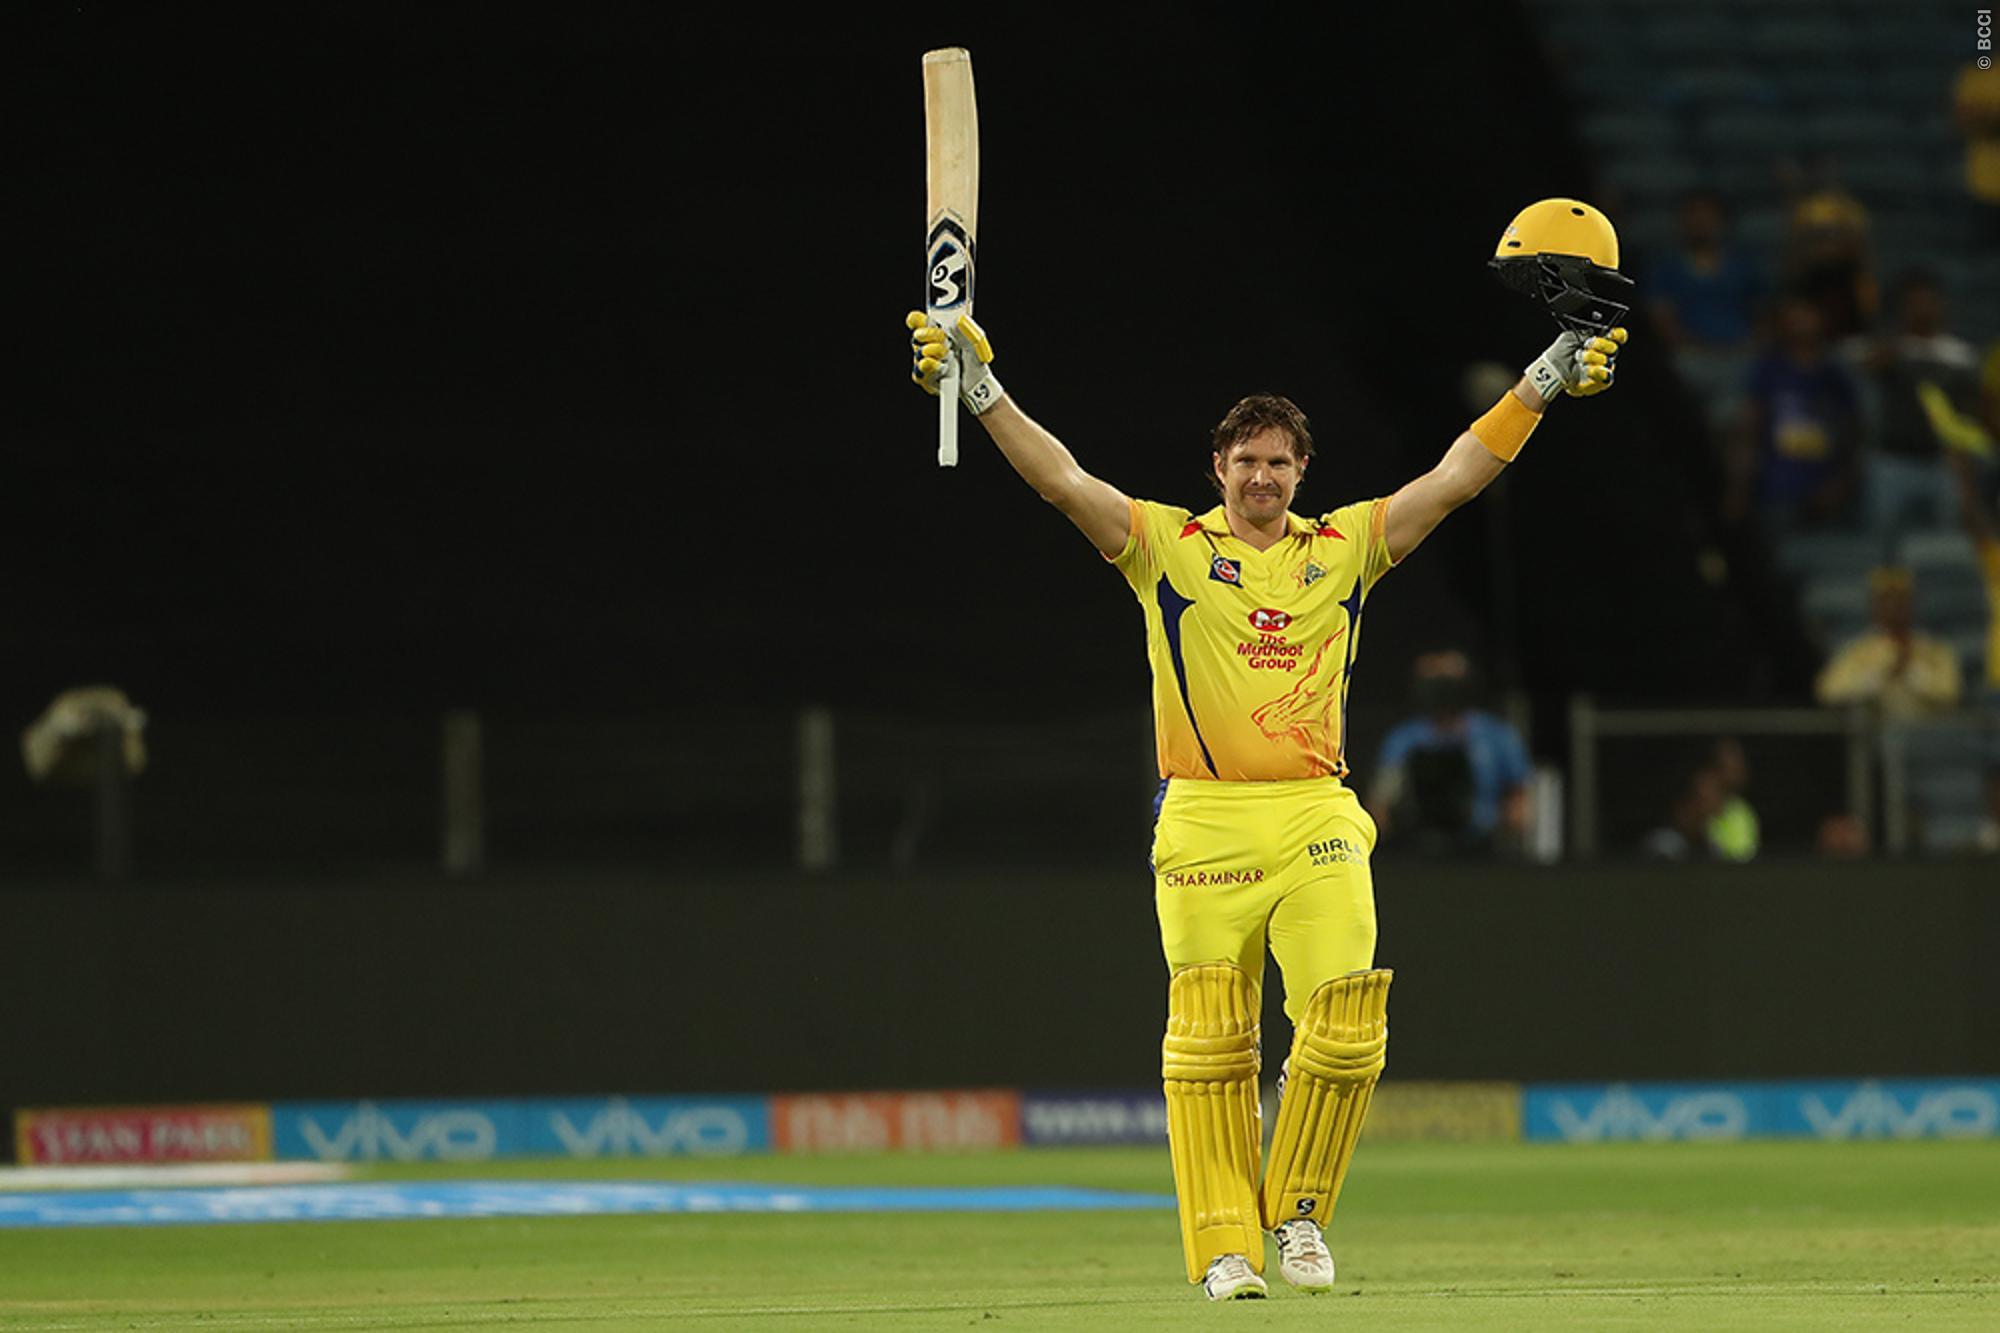 STATS: चेन्नई सुपर किंग्स बनाम राजस्थान रॉयल्स के बीच मैच में बने कुल 6 रिकॉर्ड, तो ऐसा करने वाले दुनिया के एकलौते बल्लेबाज बने शेन वाटसन 4